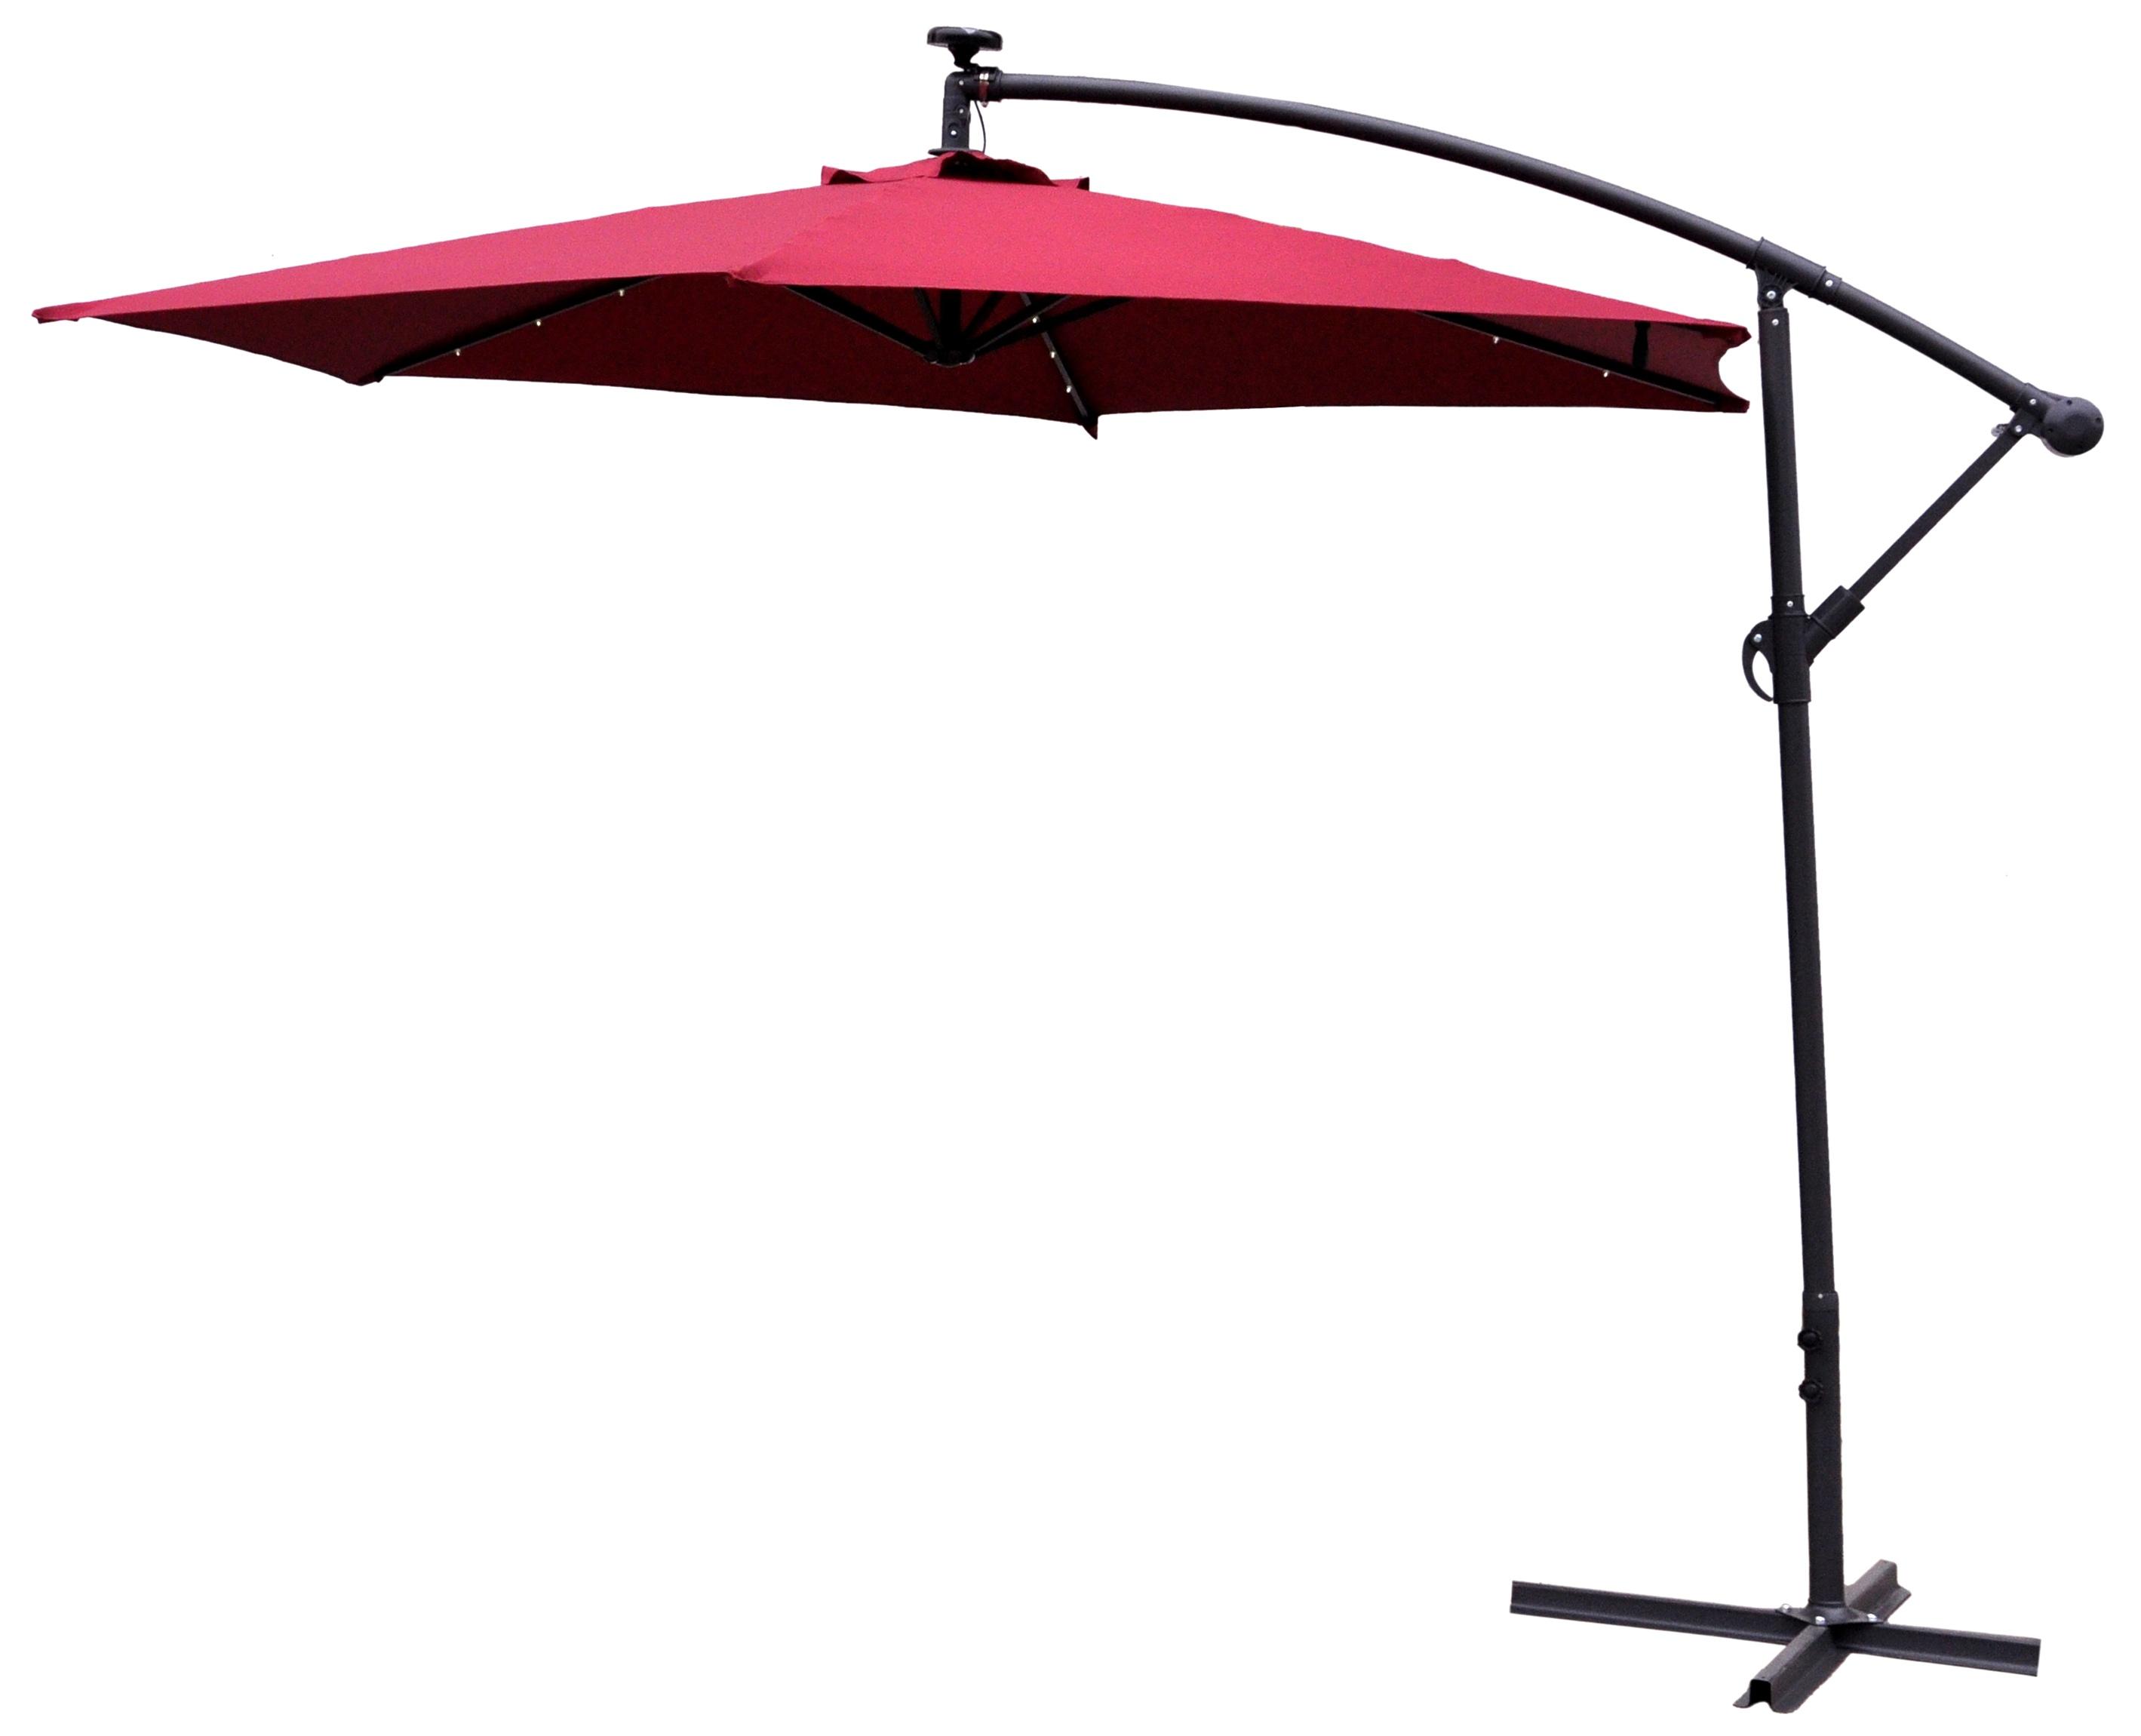 Aga Záhradný slnečník konzolový EXCLUSIV LED 300 cm Dark Red